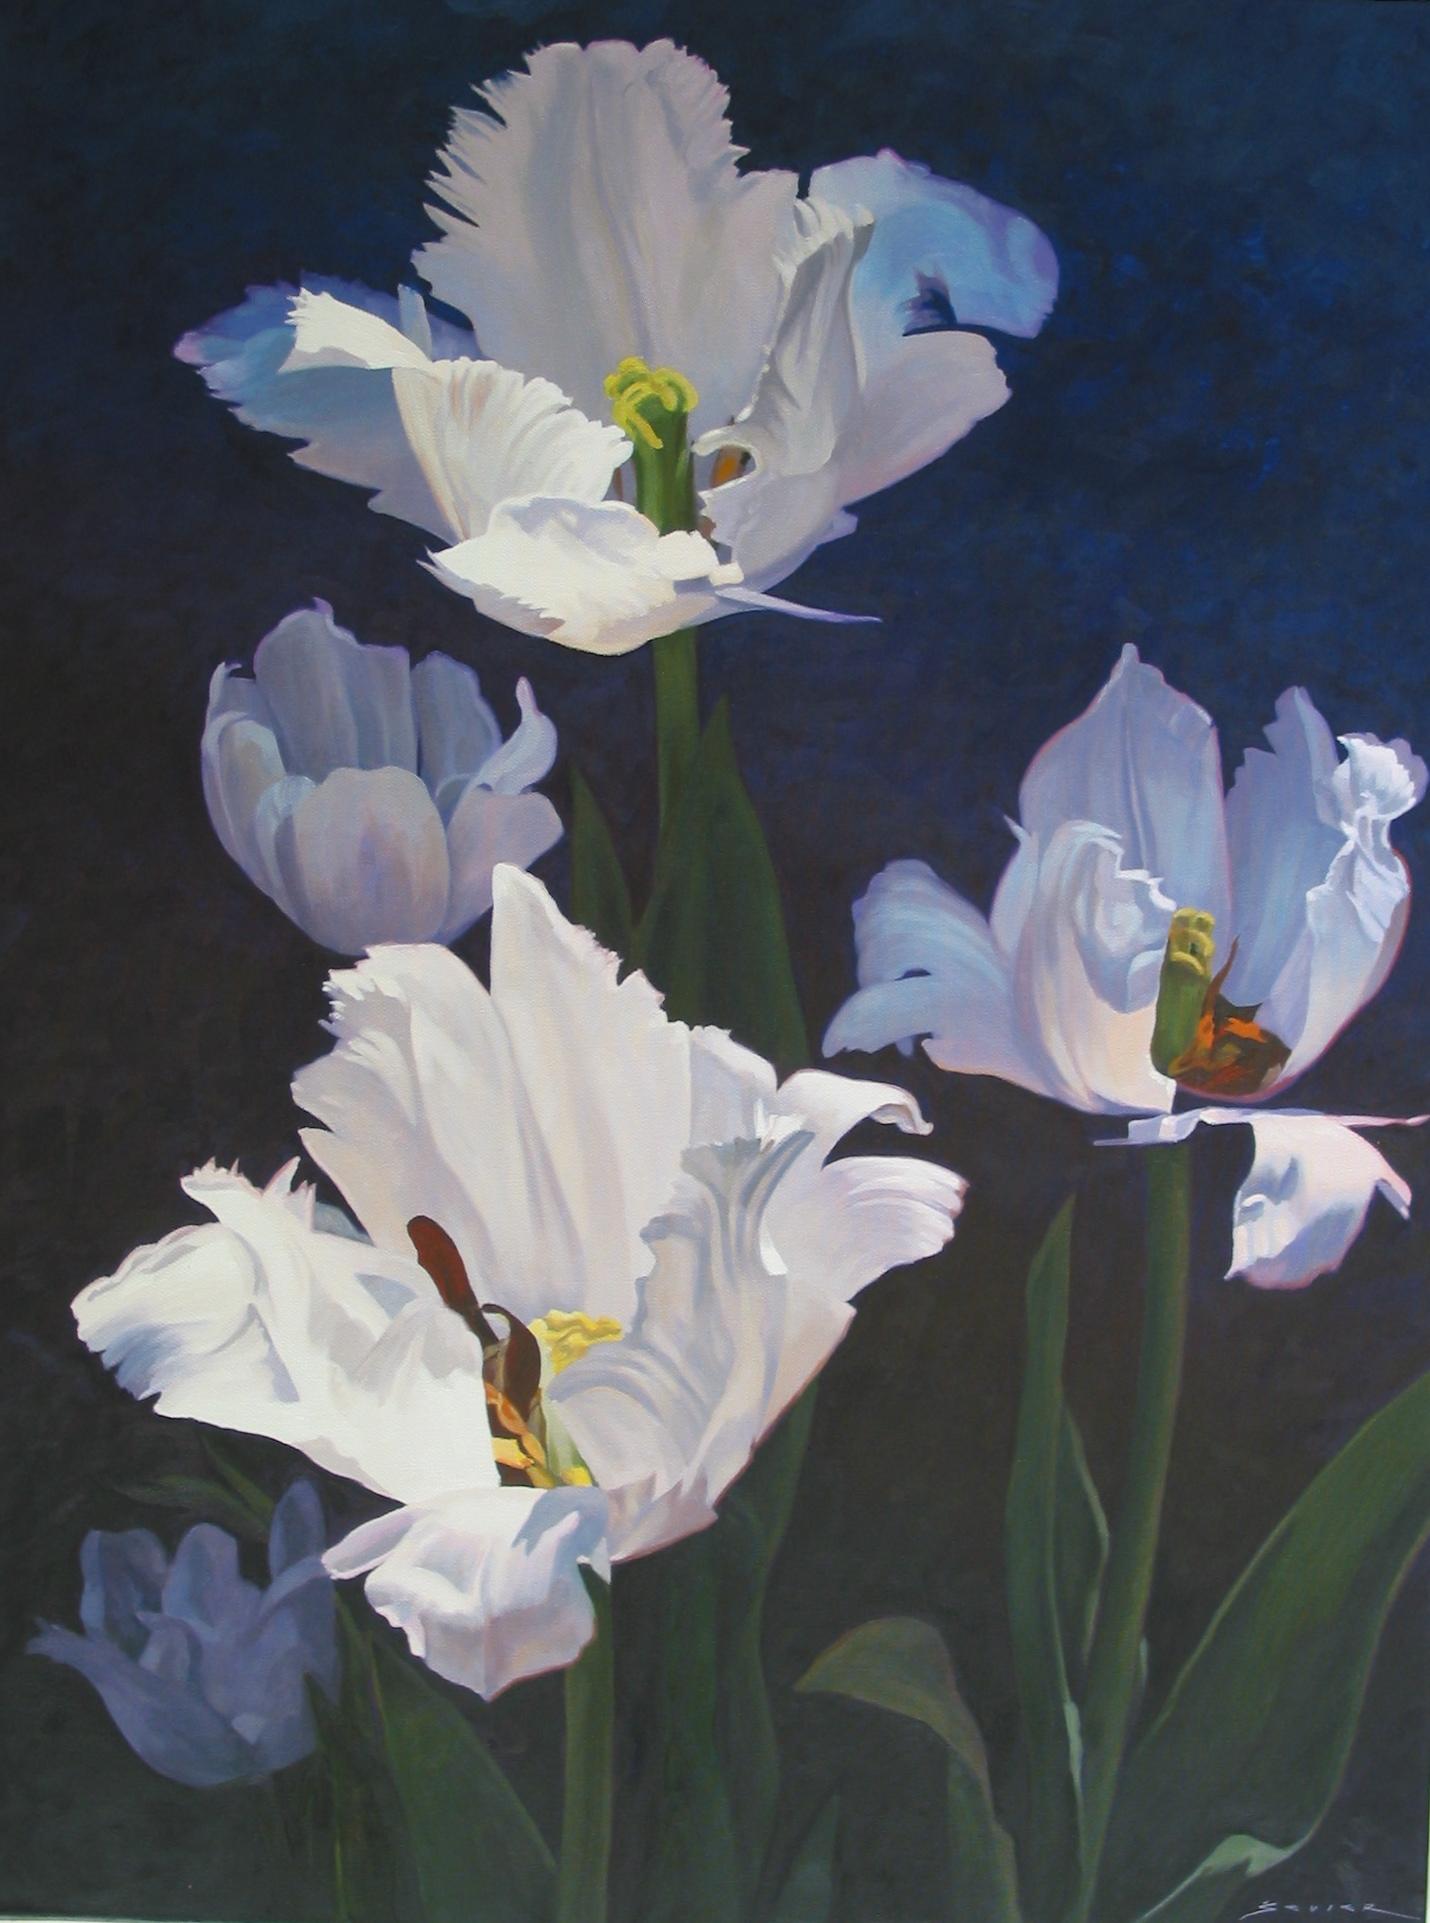 White Tulips, 40 x 30, oil